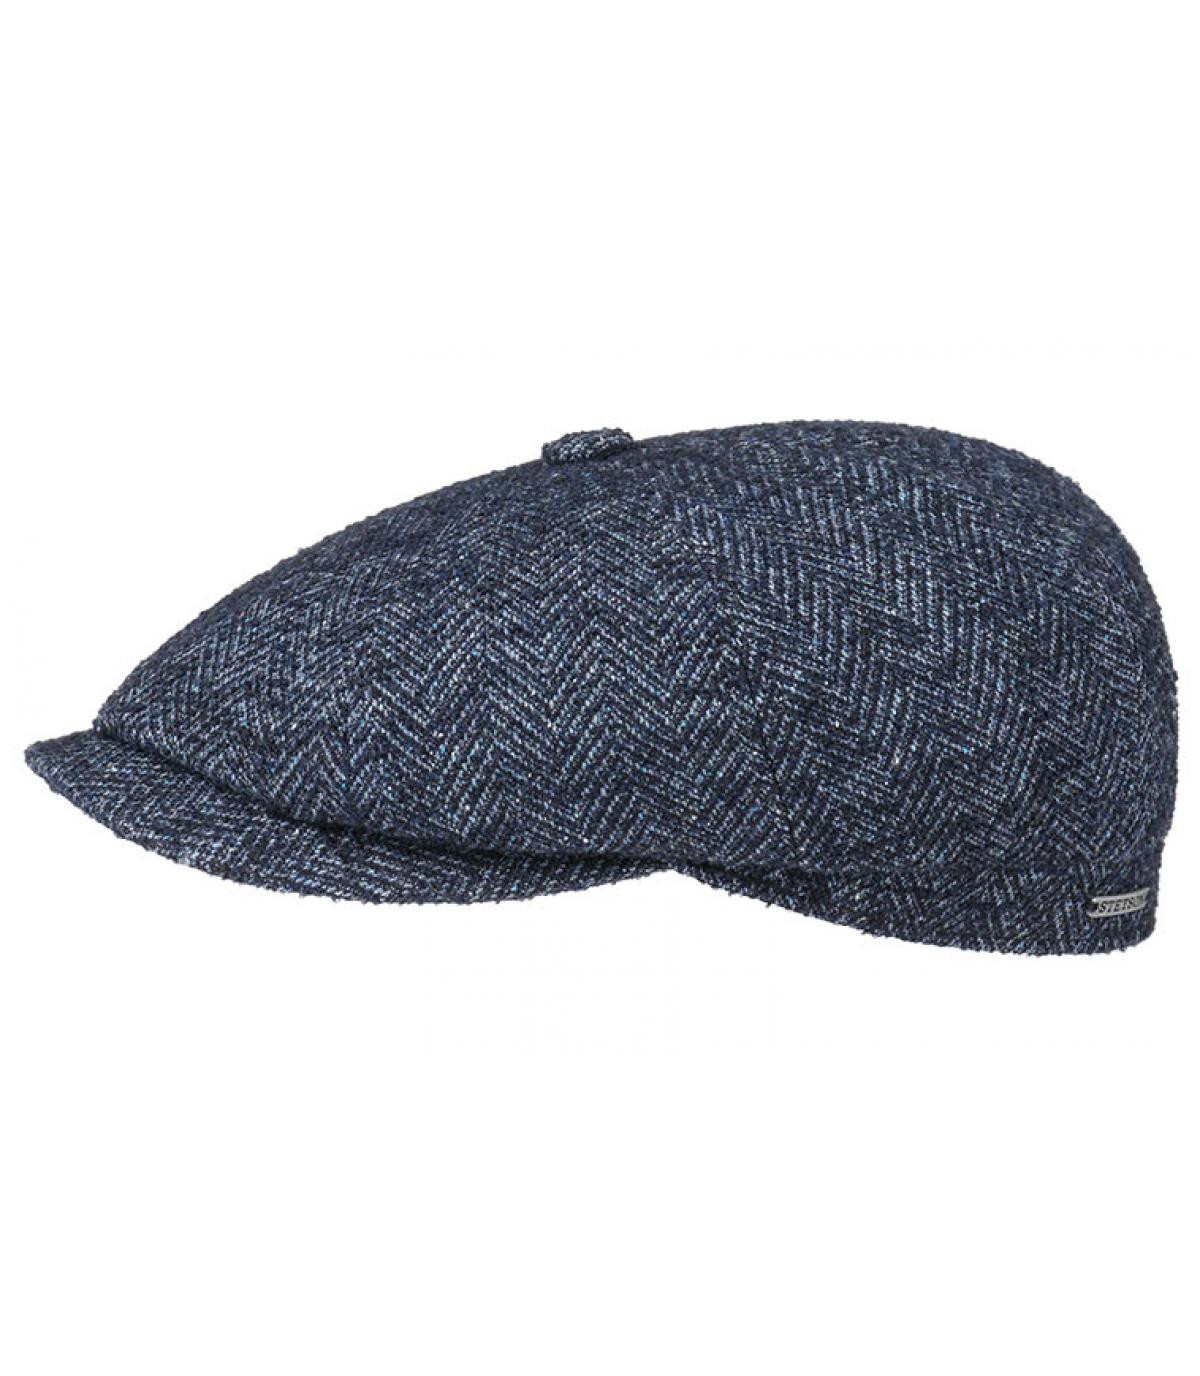 4c8dc5676b0 blue newsboy cap wool - Hatteras Virgin Wool blue herringbone by ...